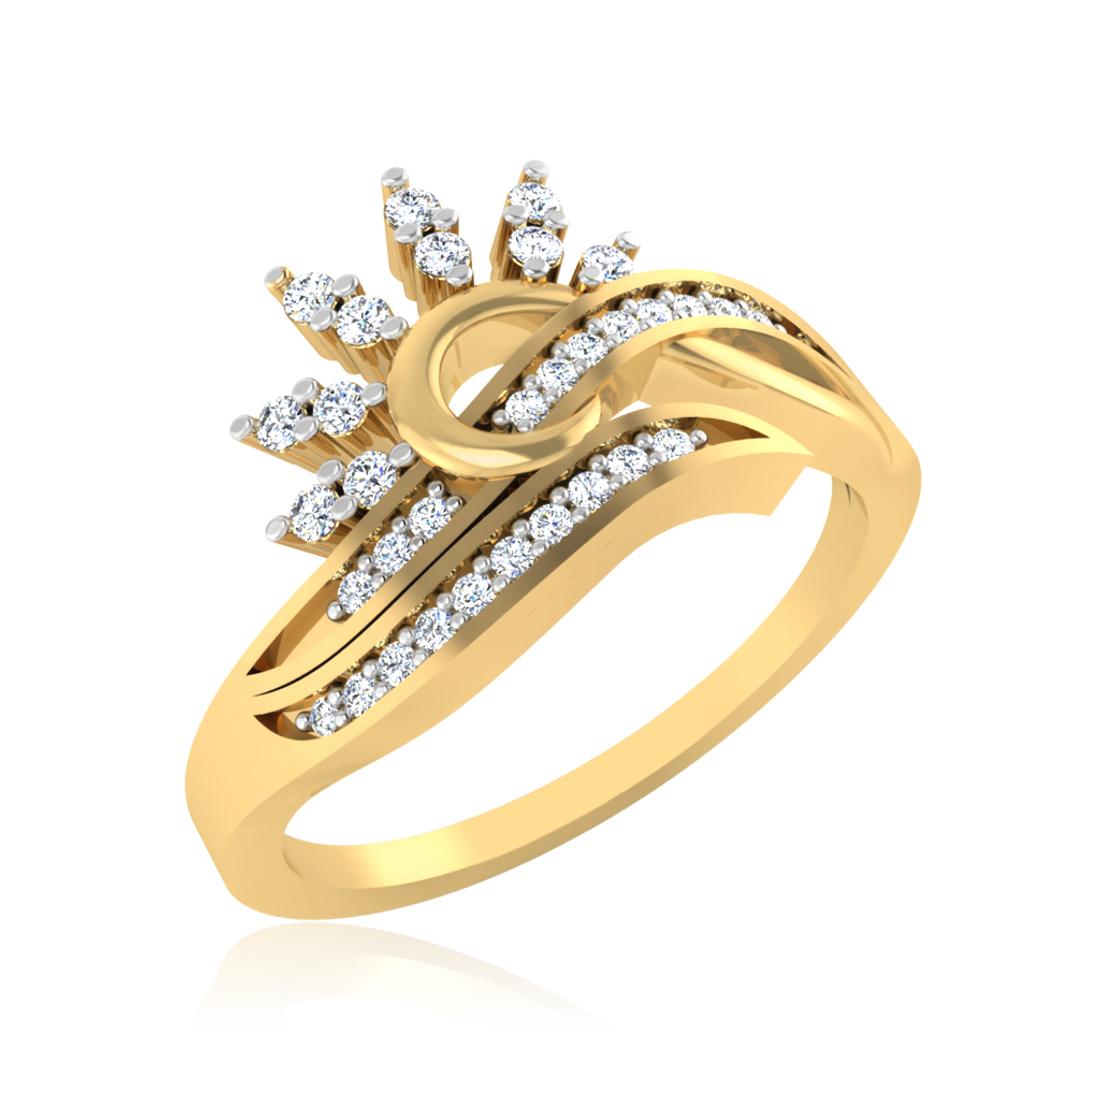 Iski Uski Aura Heart Ring